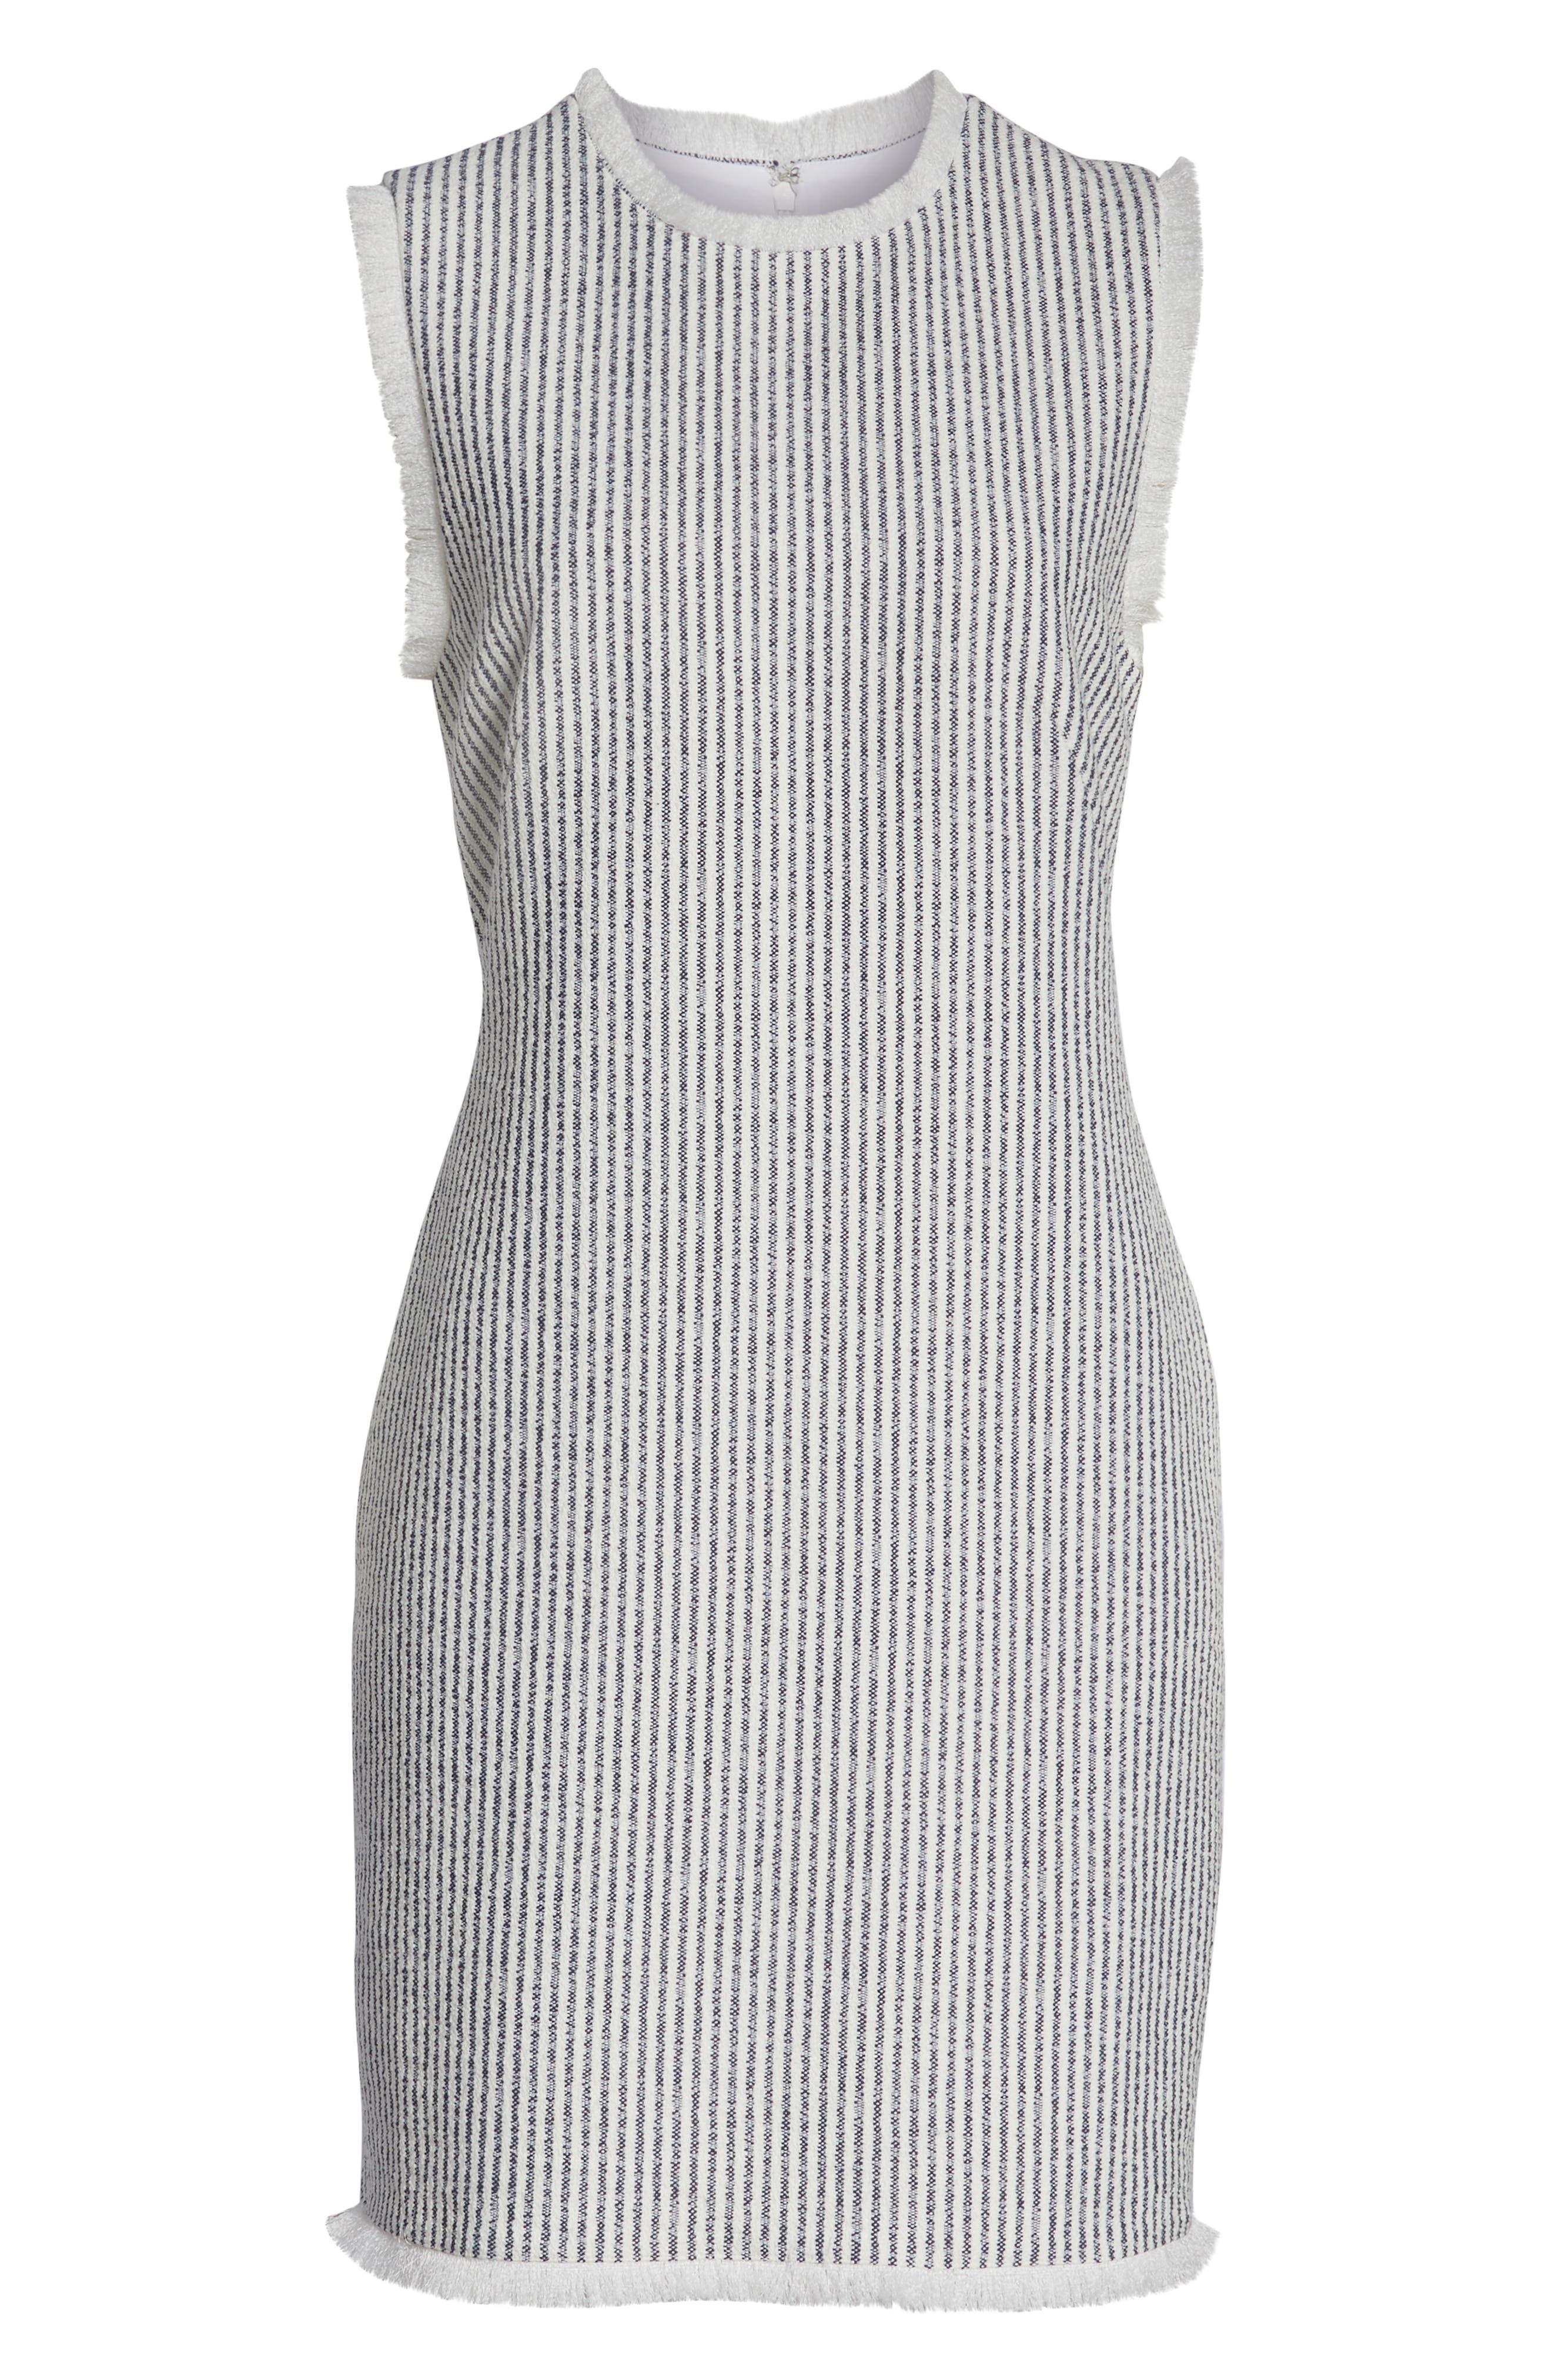 CHARLES HENRY, Fringe Trim Stripe Shift Dress, Alternate thumbnail 7, color, NAVY WHITE STRIPE